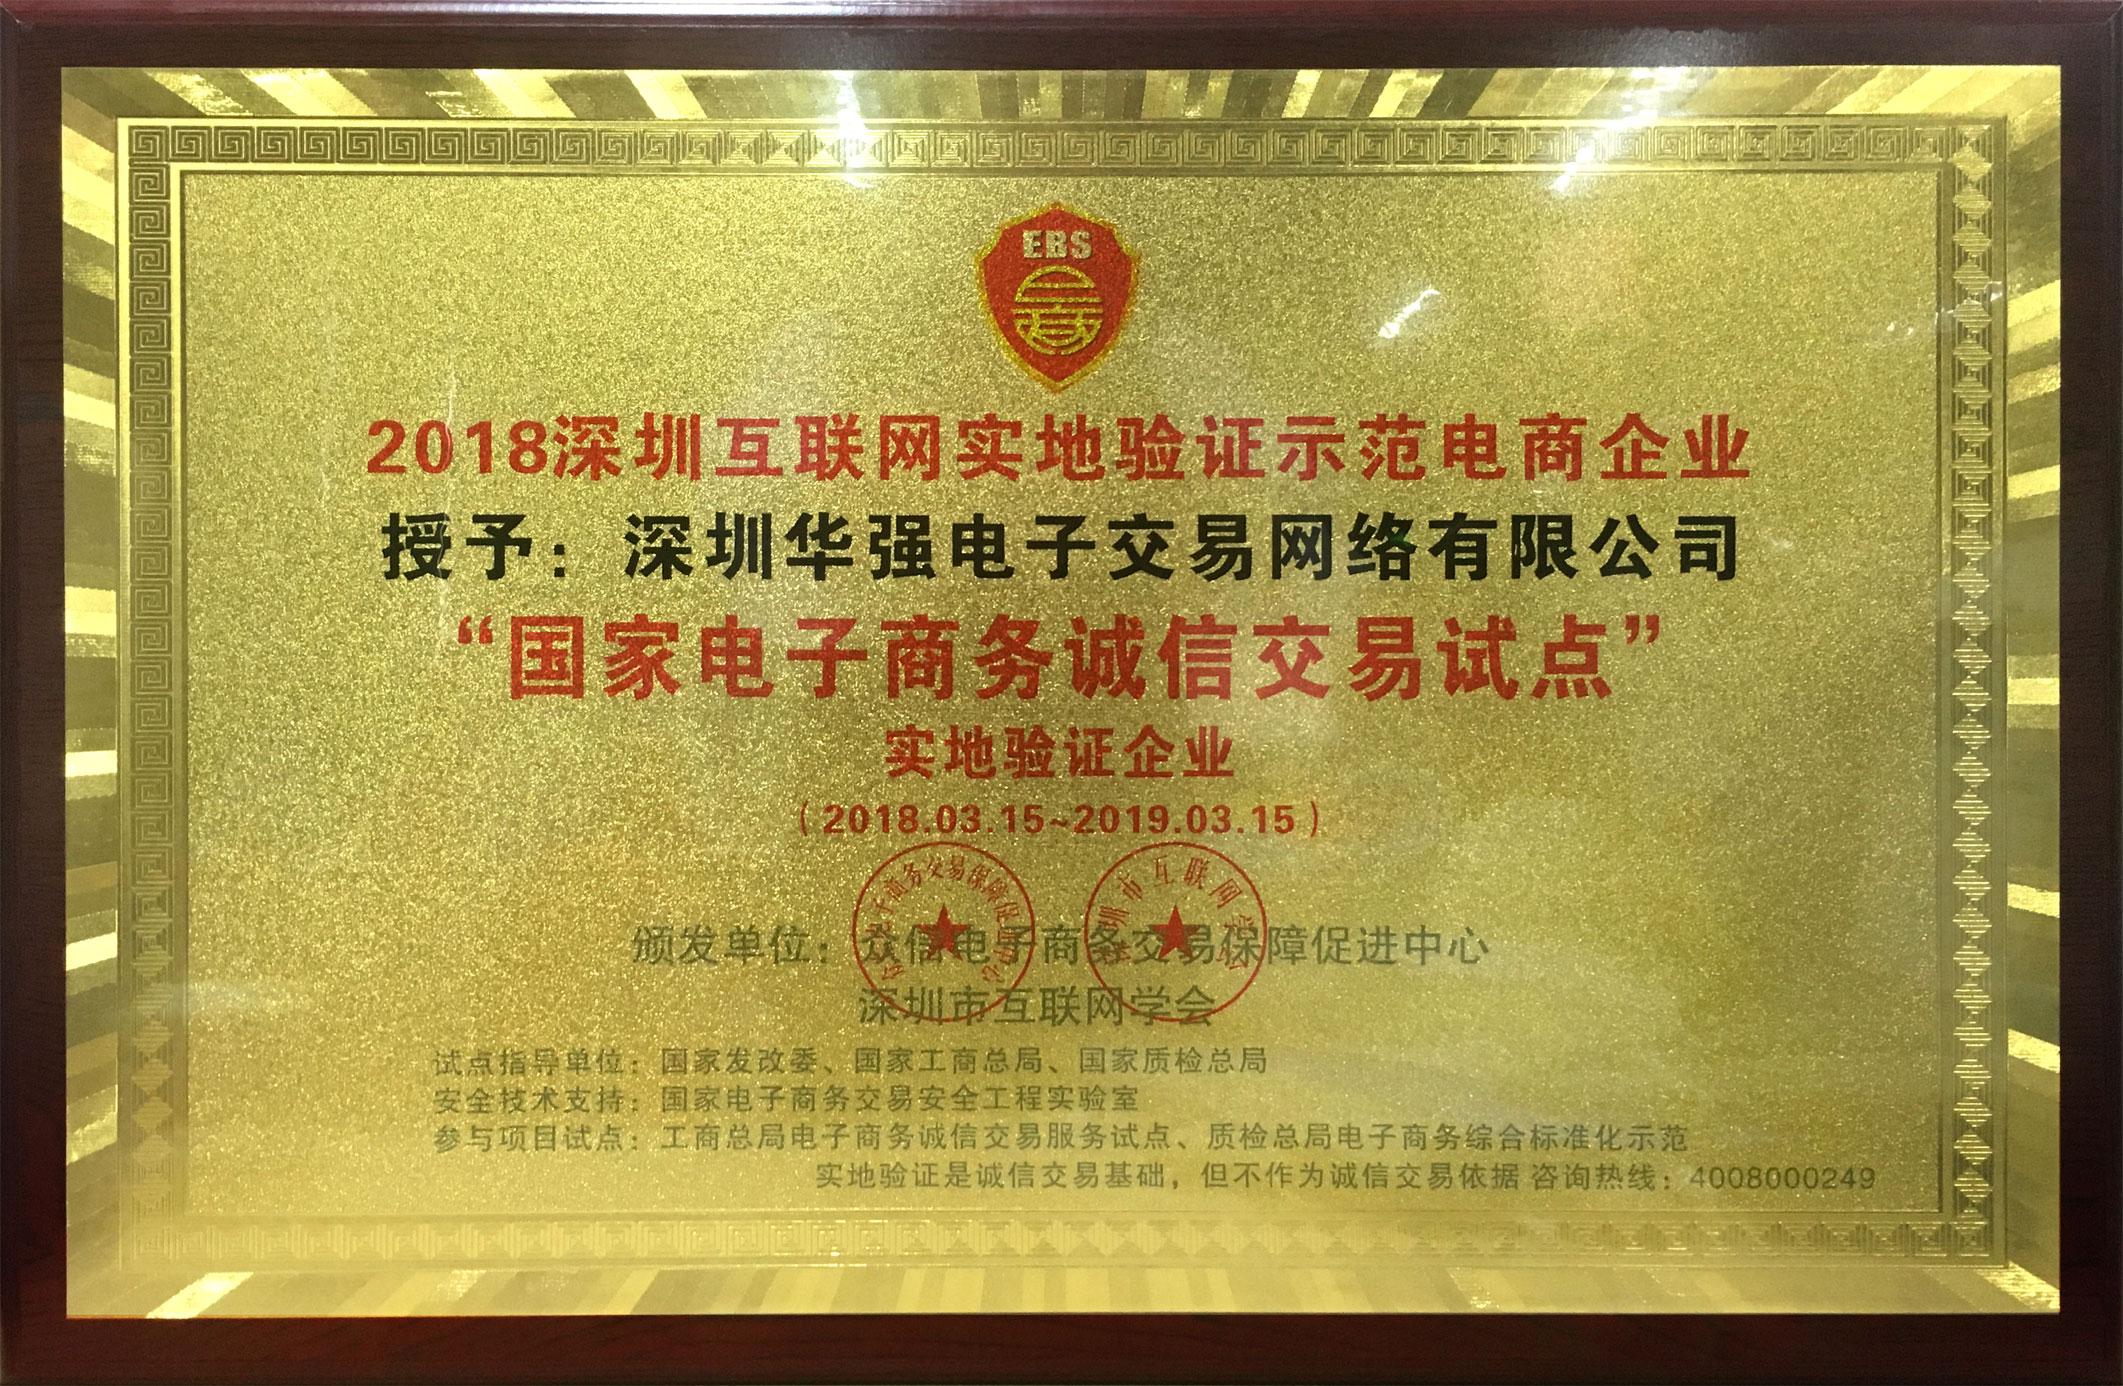 2018深圳互联网实地验证示范电商企业